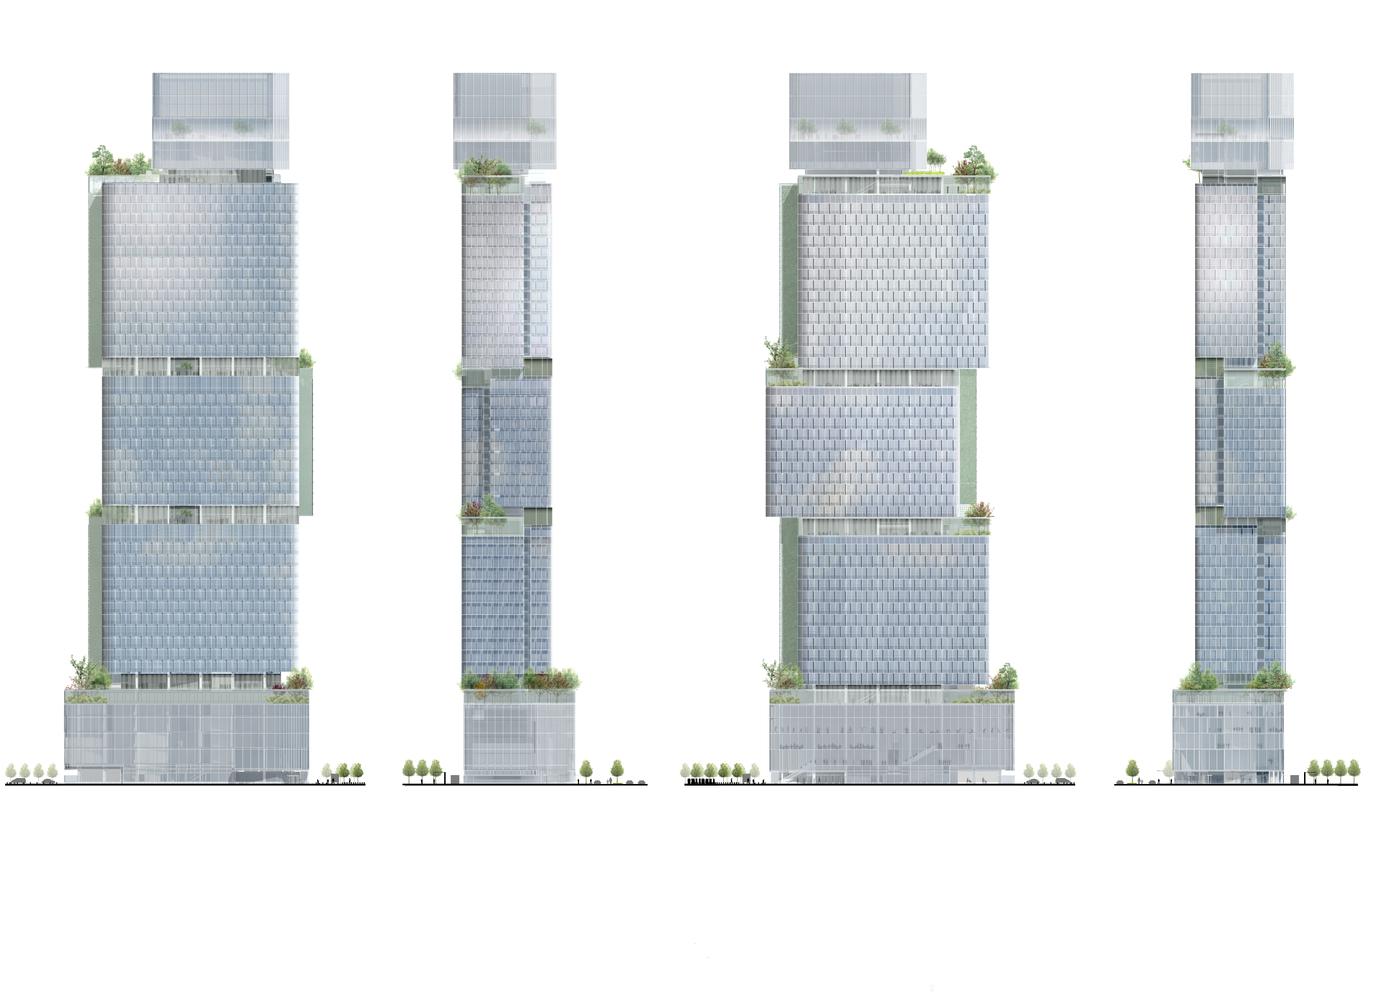 paris jardins de l arche tower 200m 54 fl pro. Black Bedroom Furniture Sets. Home Design Ideas